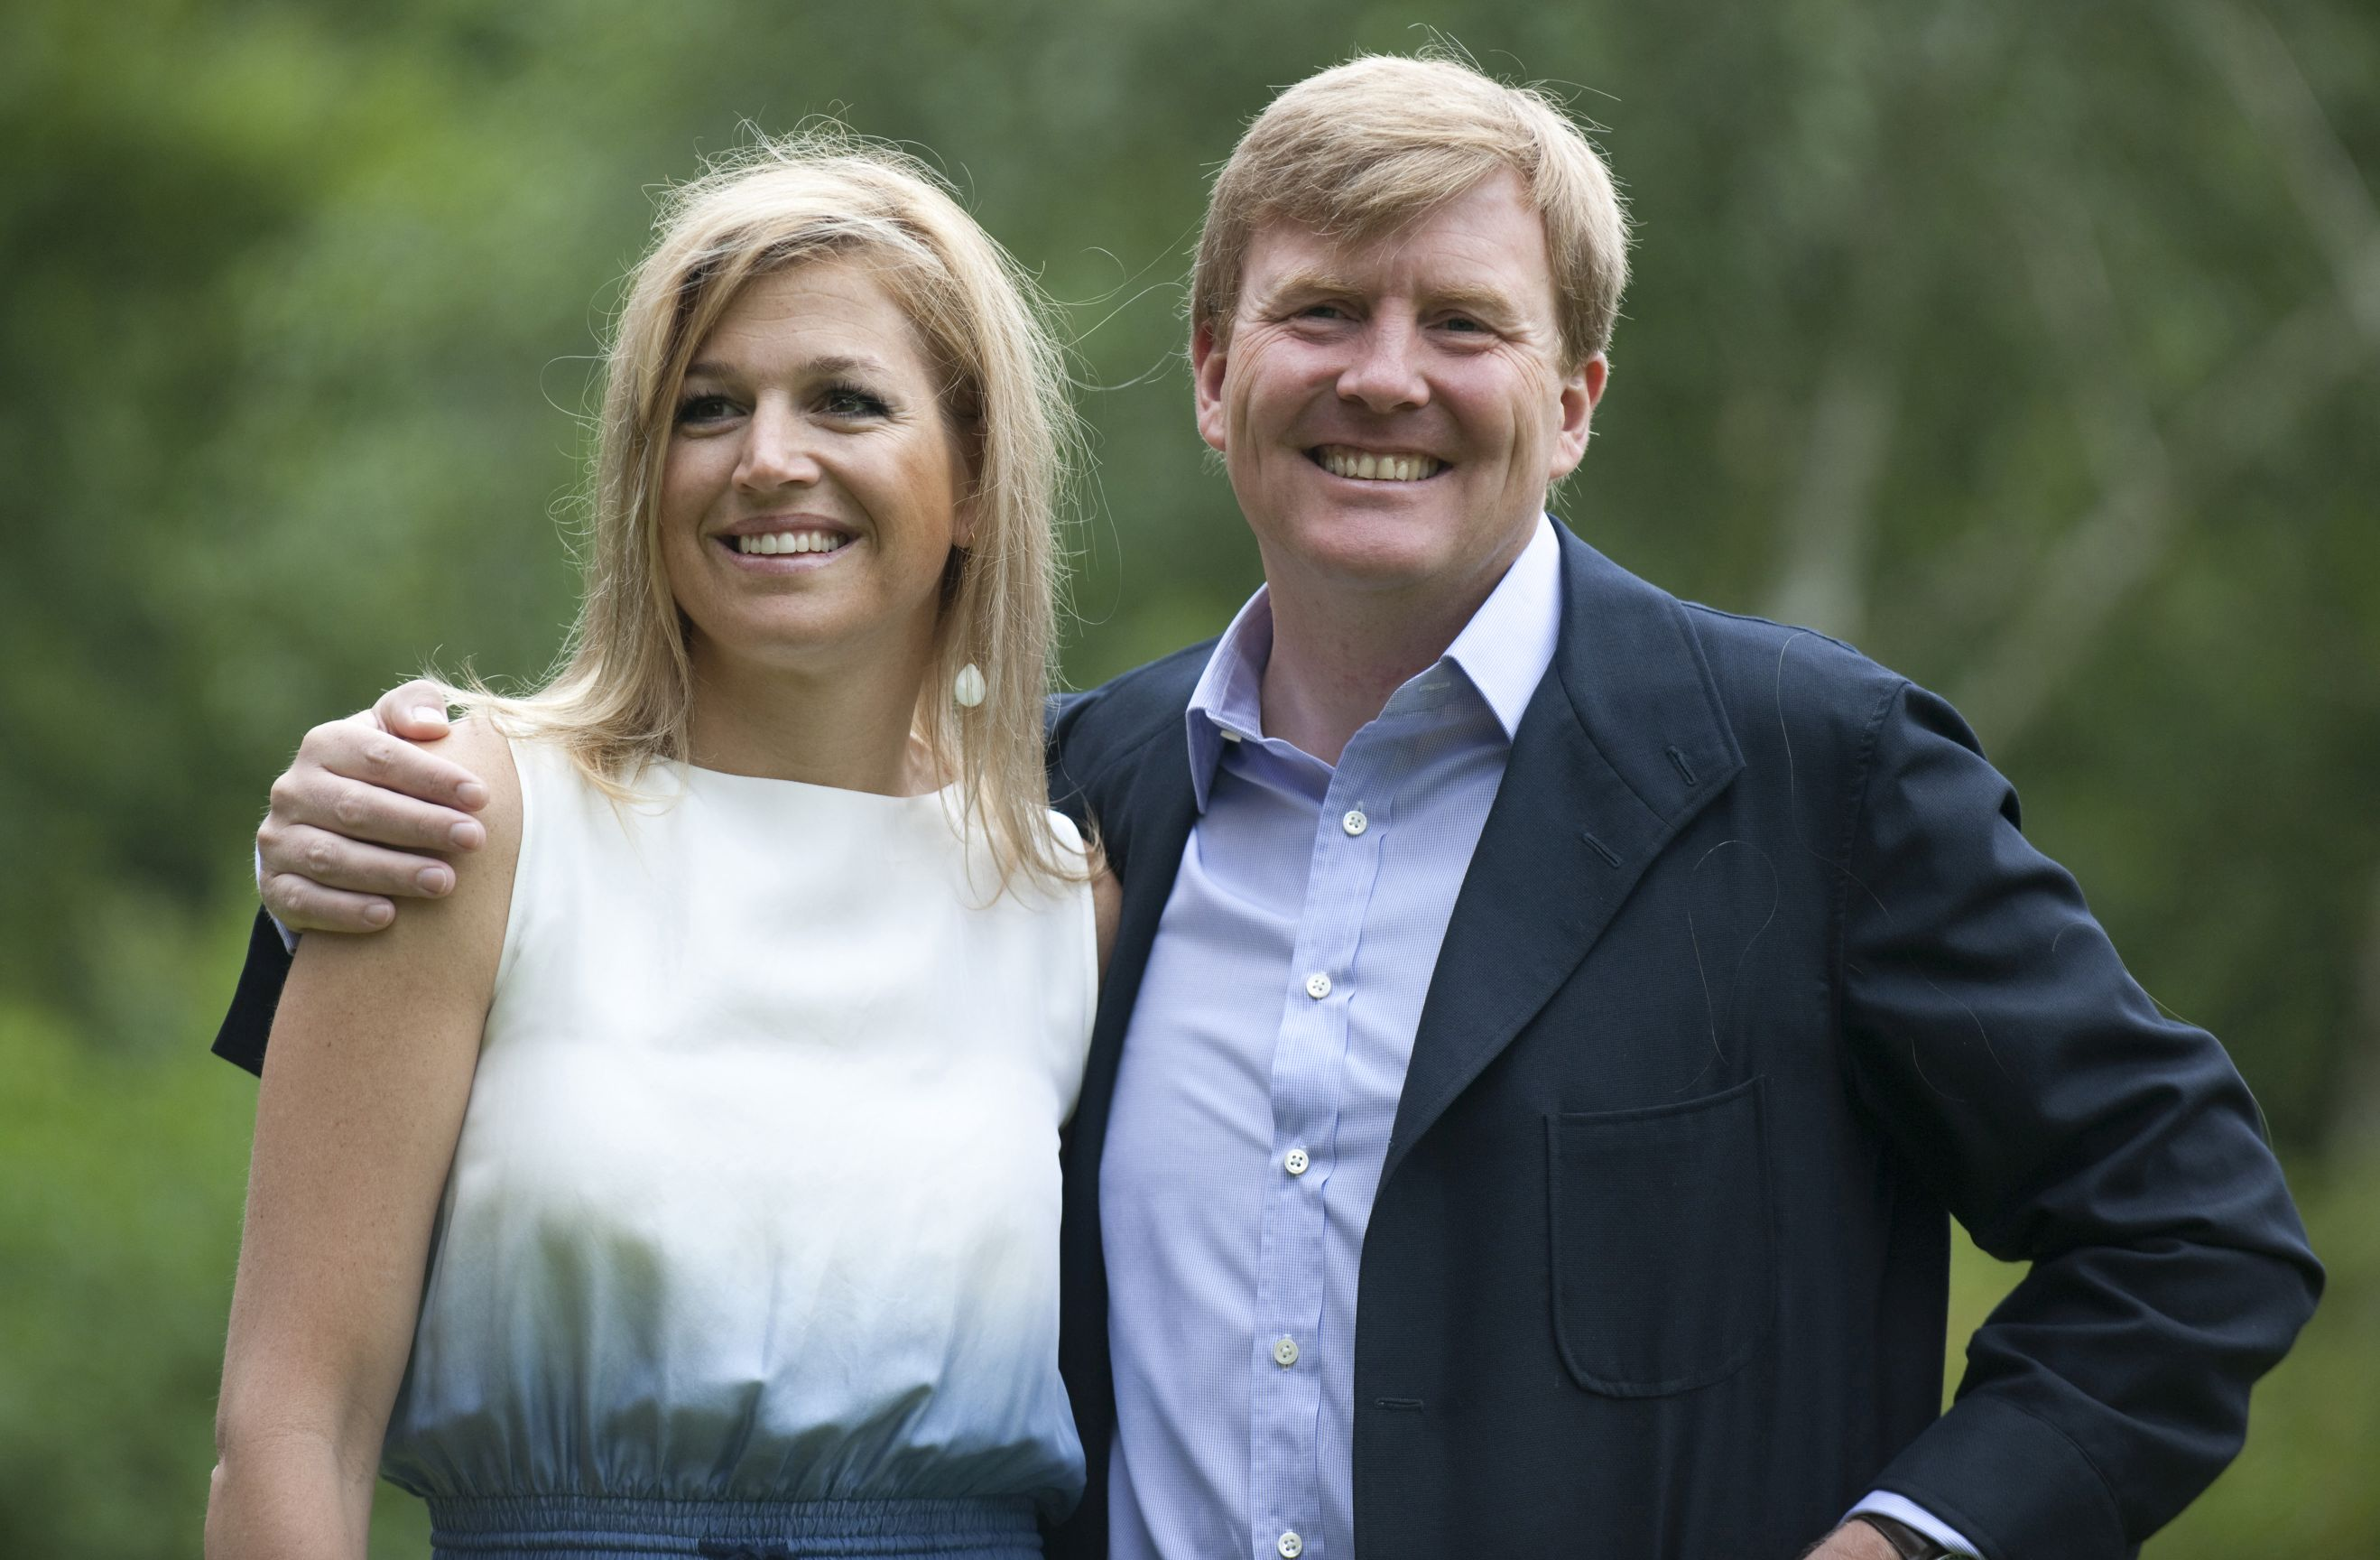 Groningen profileert zich tijdens koninklijk bezoek in Noord-Duitsland